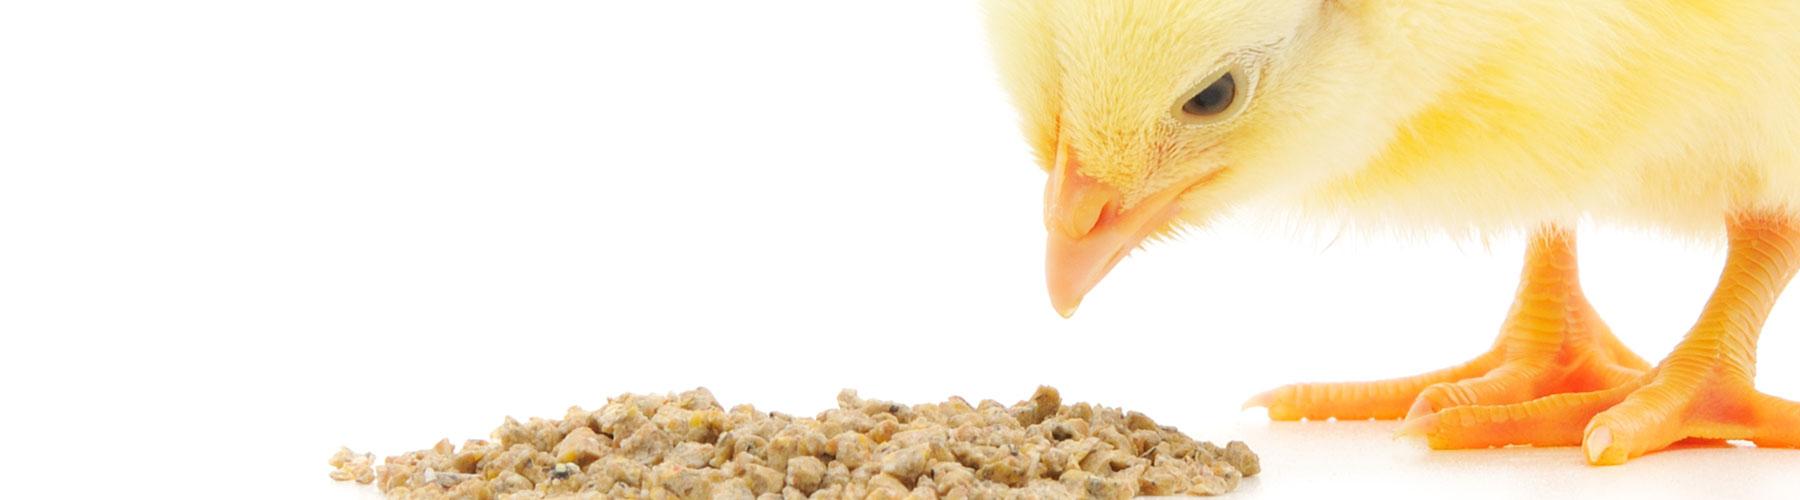 09510baf0ae2b animal feed milling